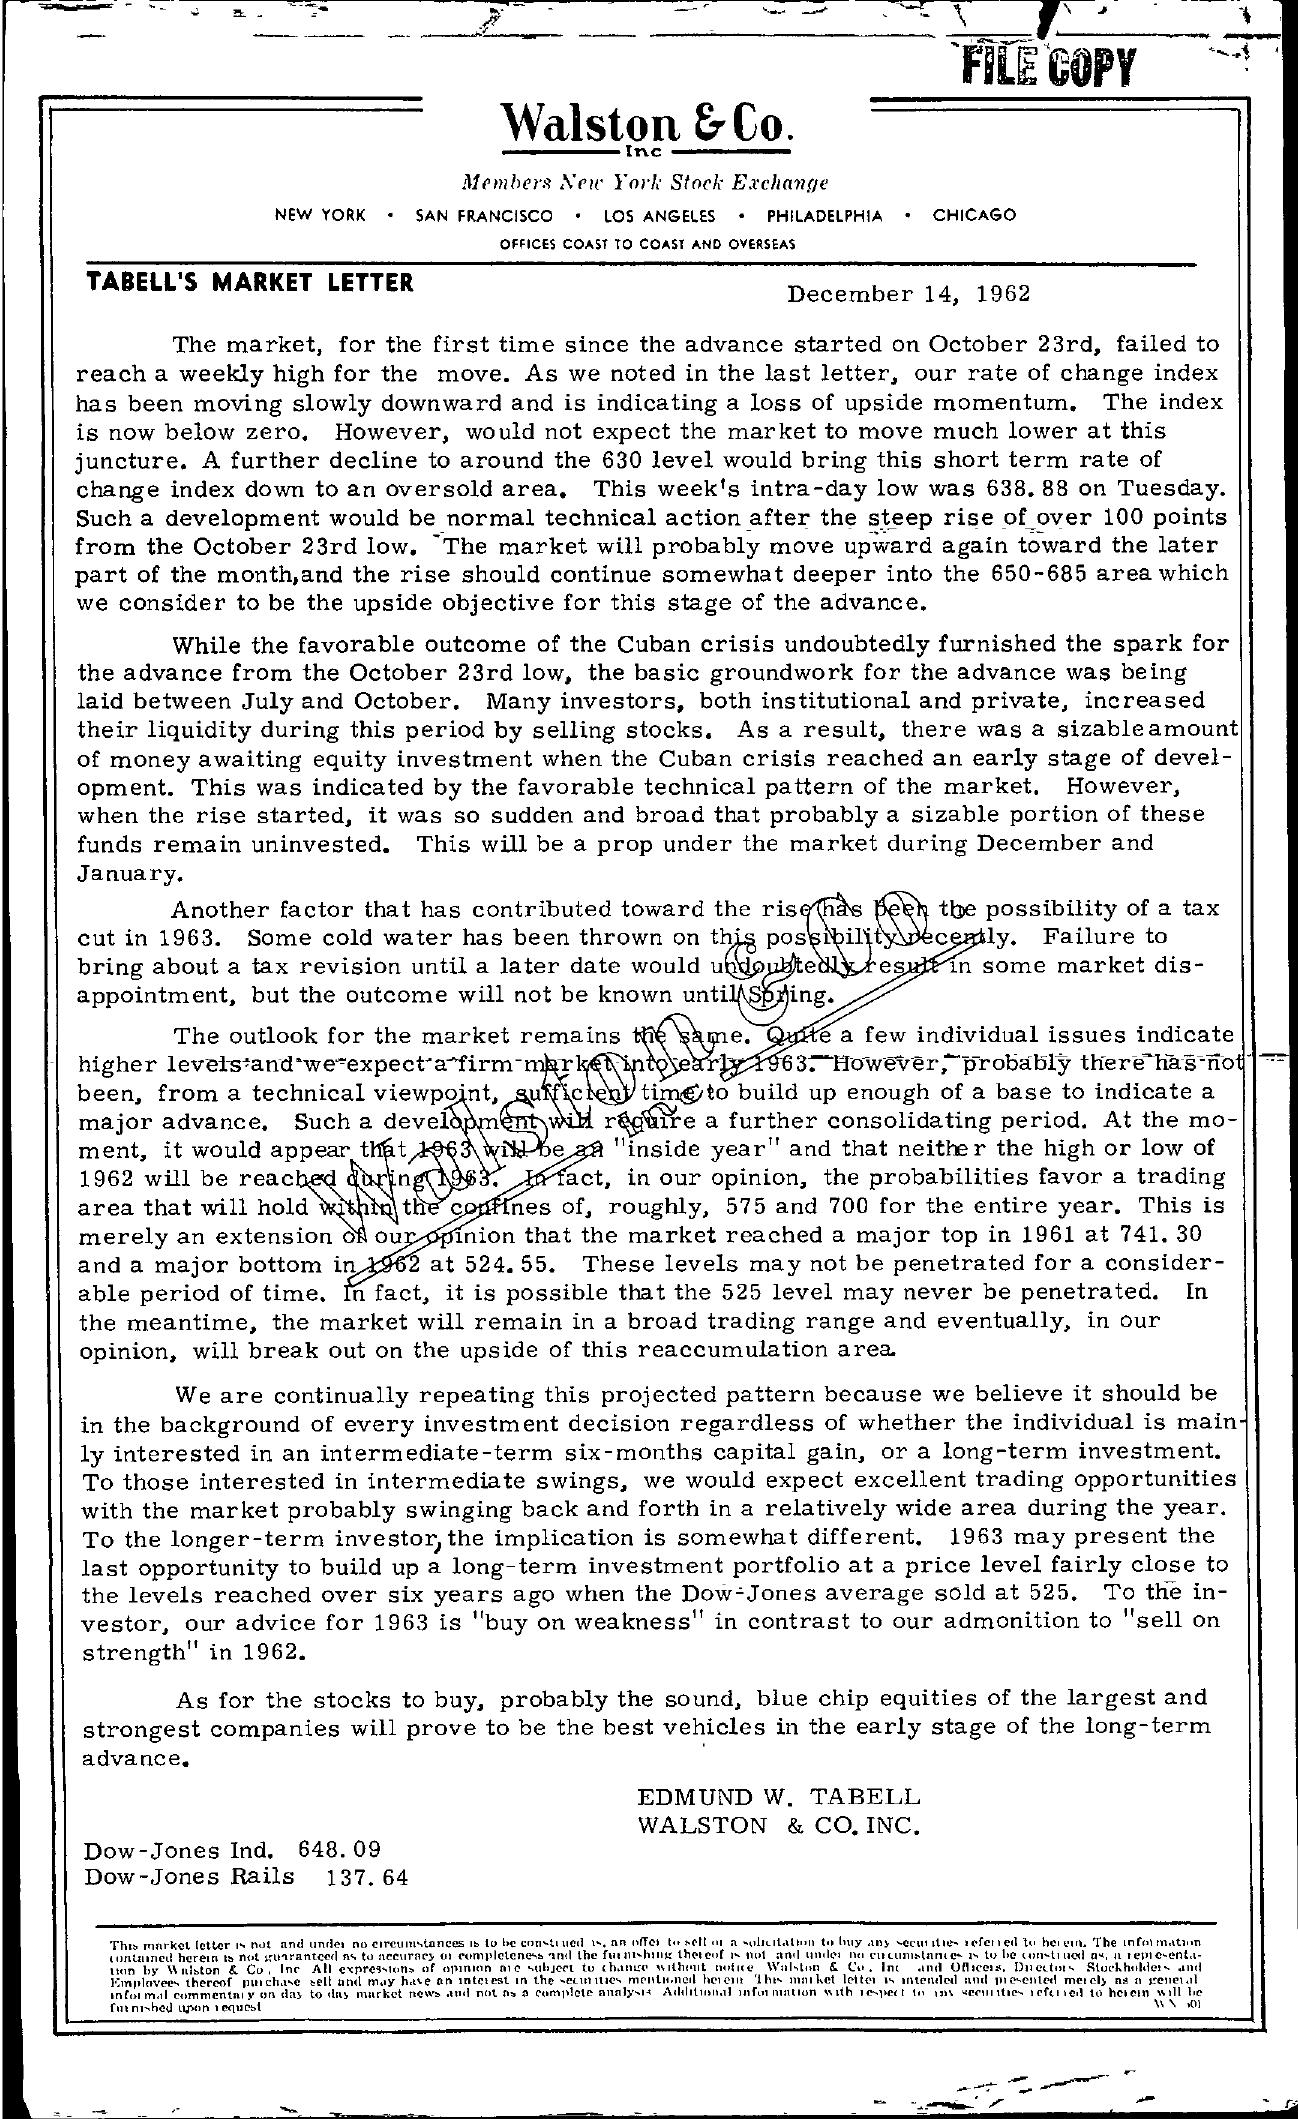 Tabell's Market Letter - December 14, 1962